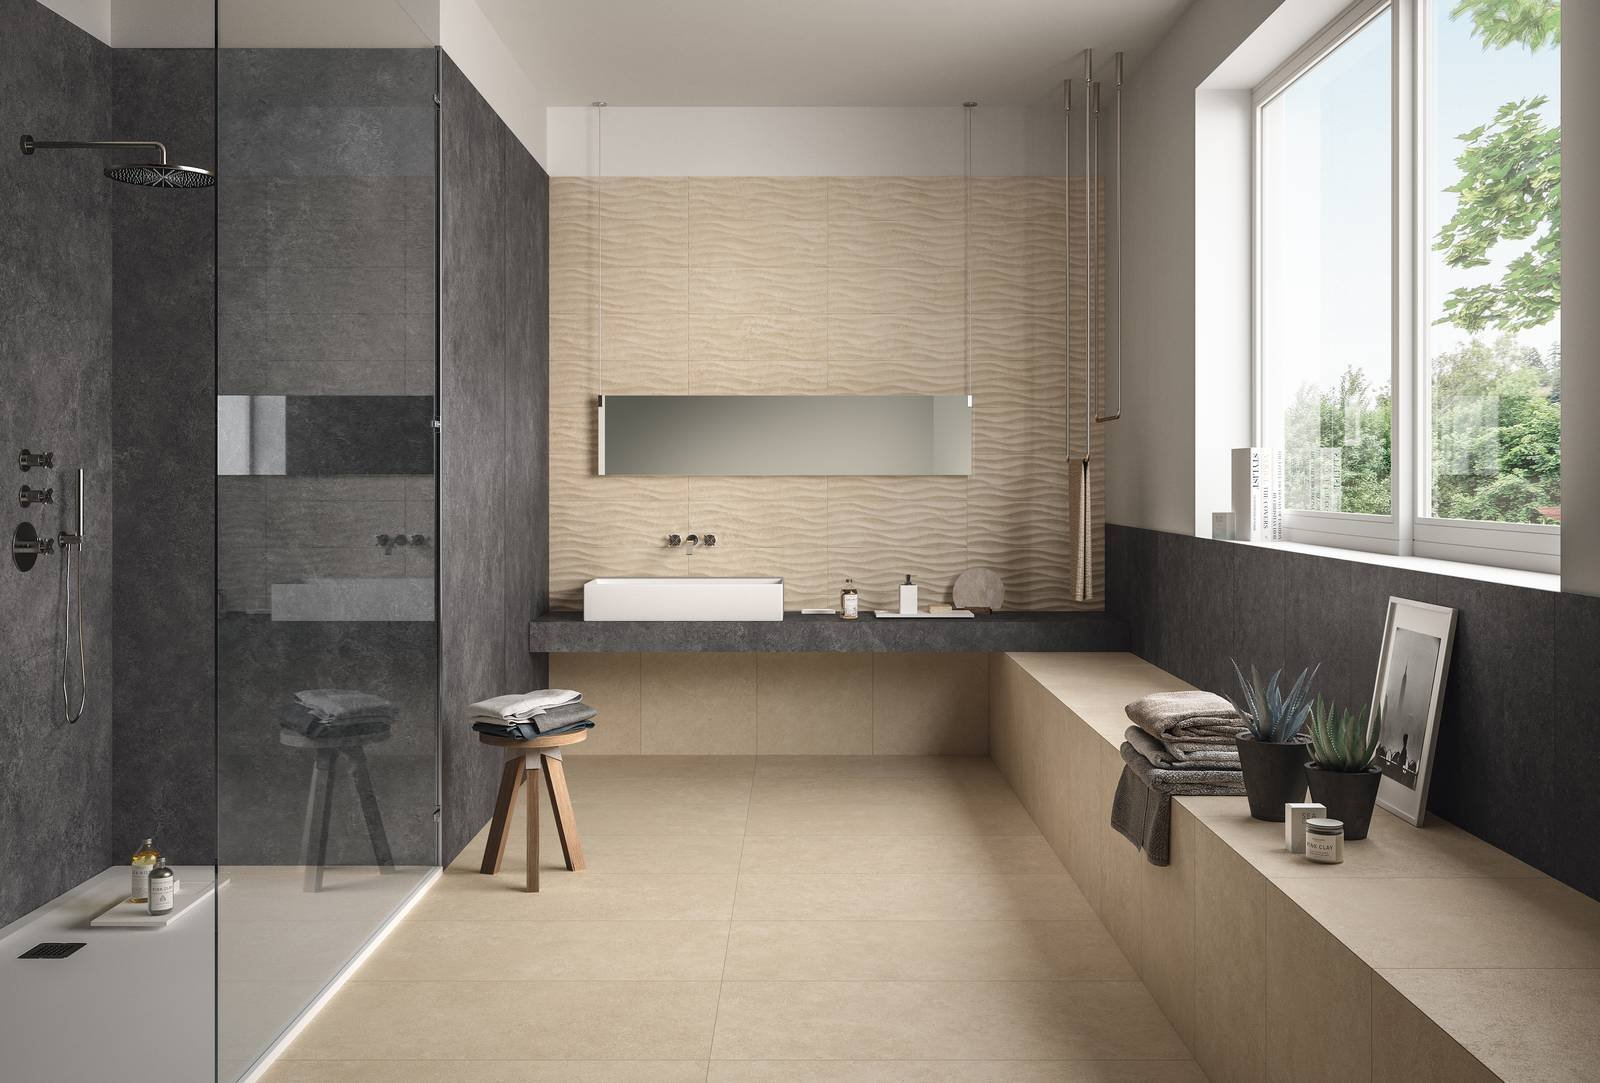 Piastrelle per il bagno il trionfo del gres effetto - Colori piastrelle bagno ...